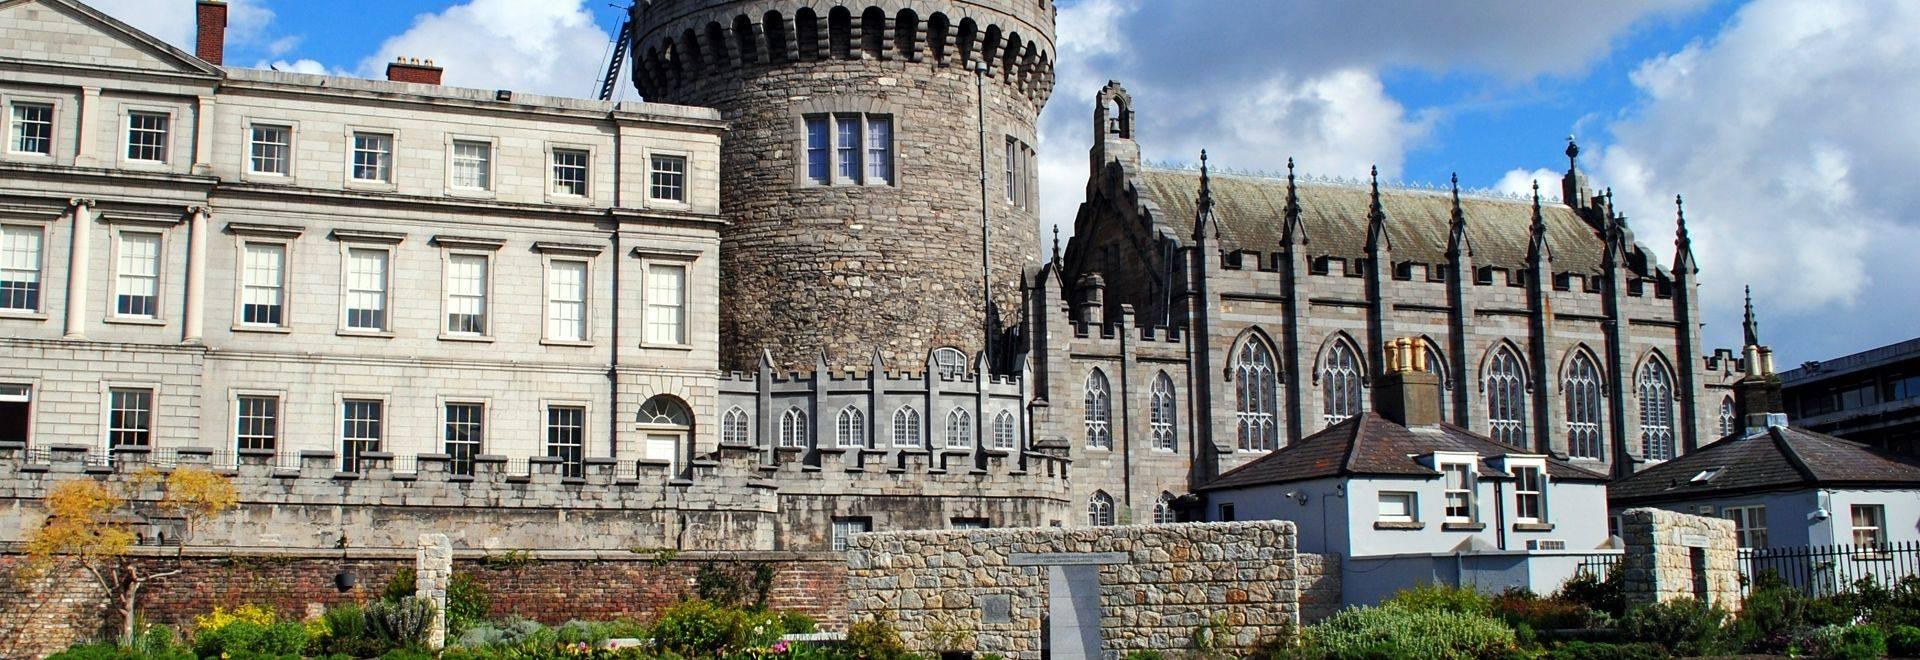 Shutterstock 110432267 Dublin Castle